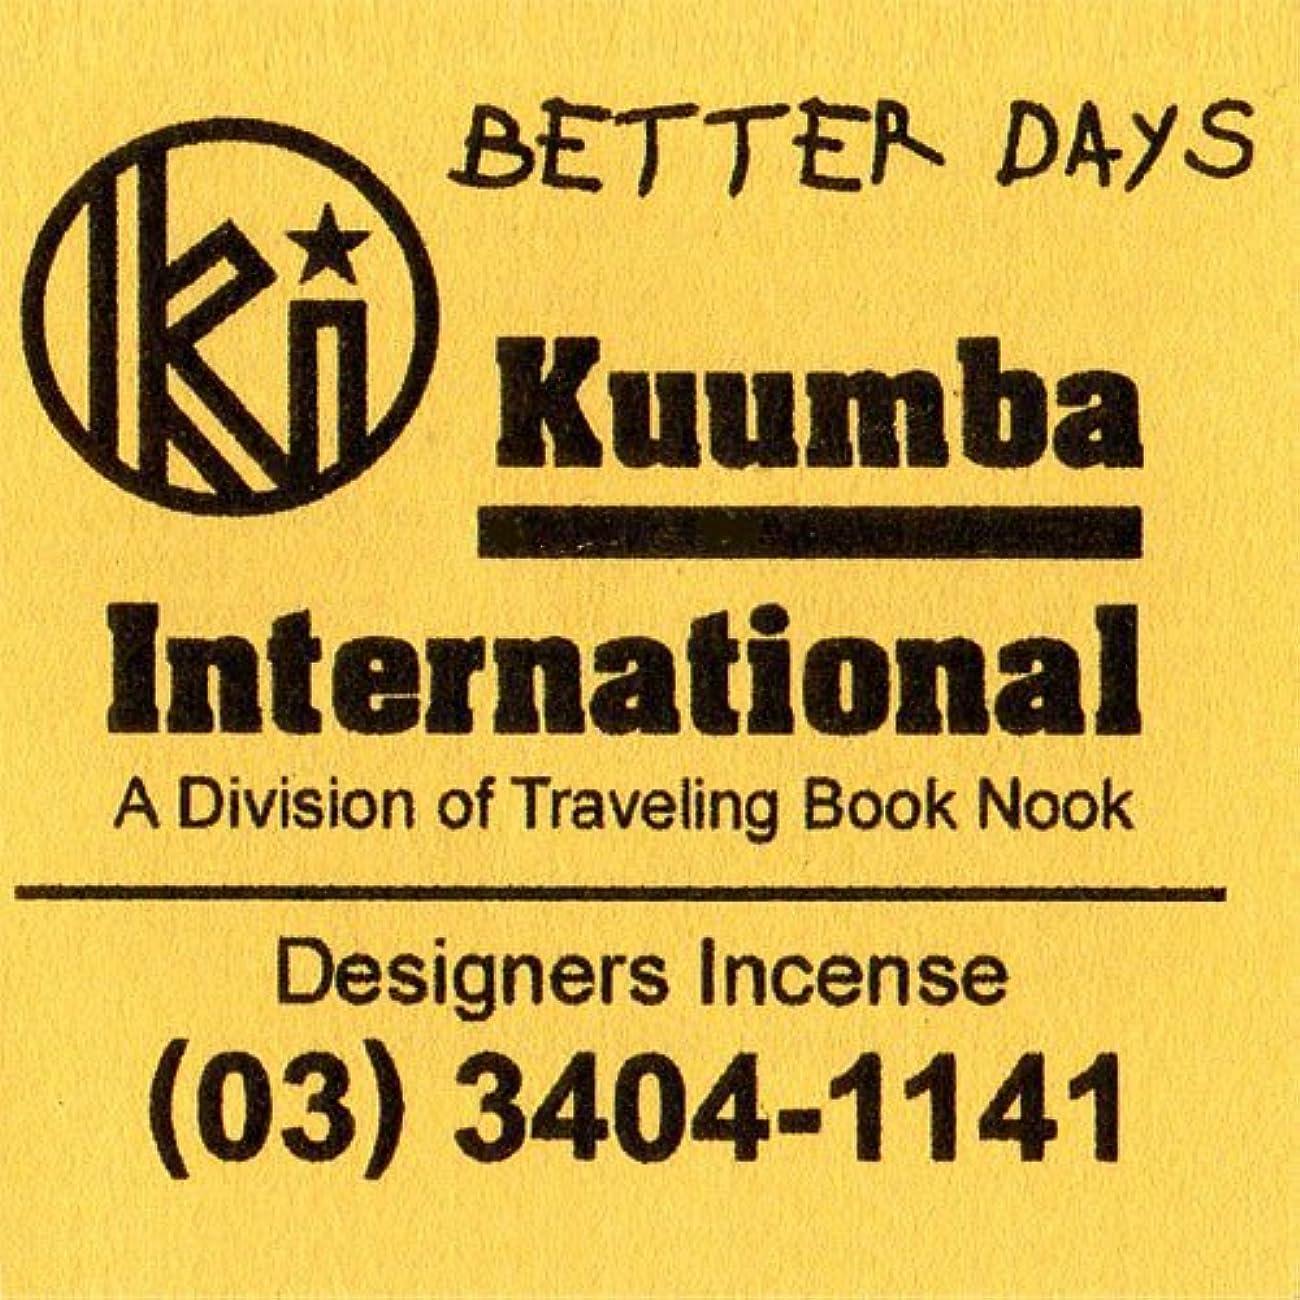 スクラブ難しいよく話されるKUUMBA/クンバ『incense』(BETTER DAYS) (Regular size)